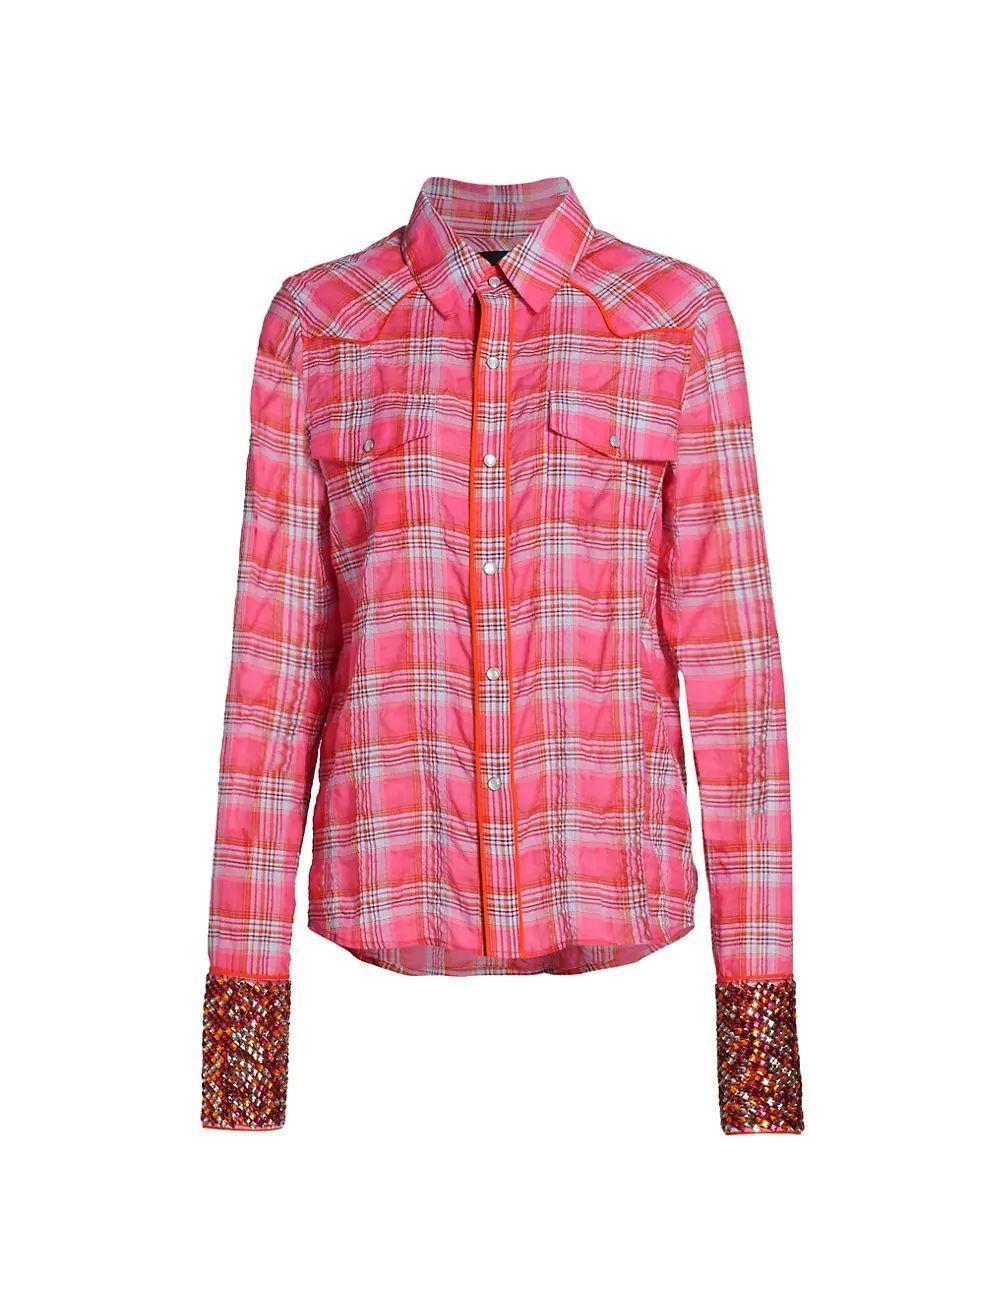 Stone Embellished Cowboy Shirt Item # SP21-898